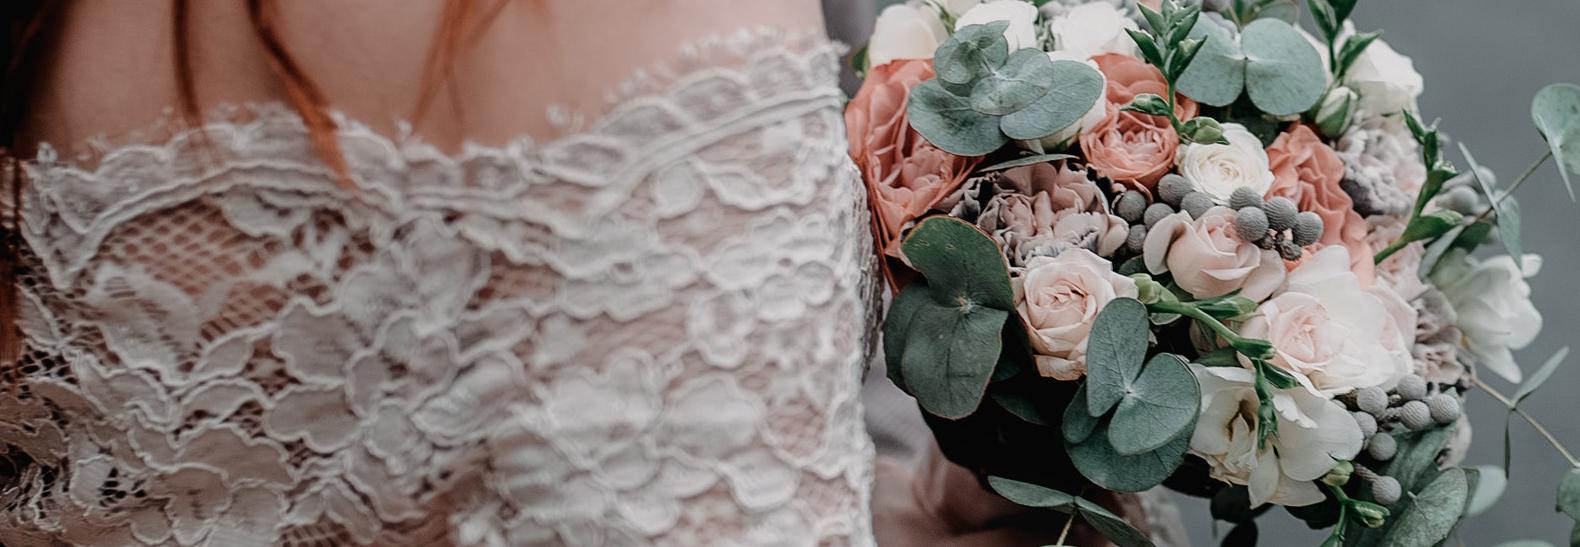 pagare-nei-matrimoni-tradizionali